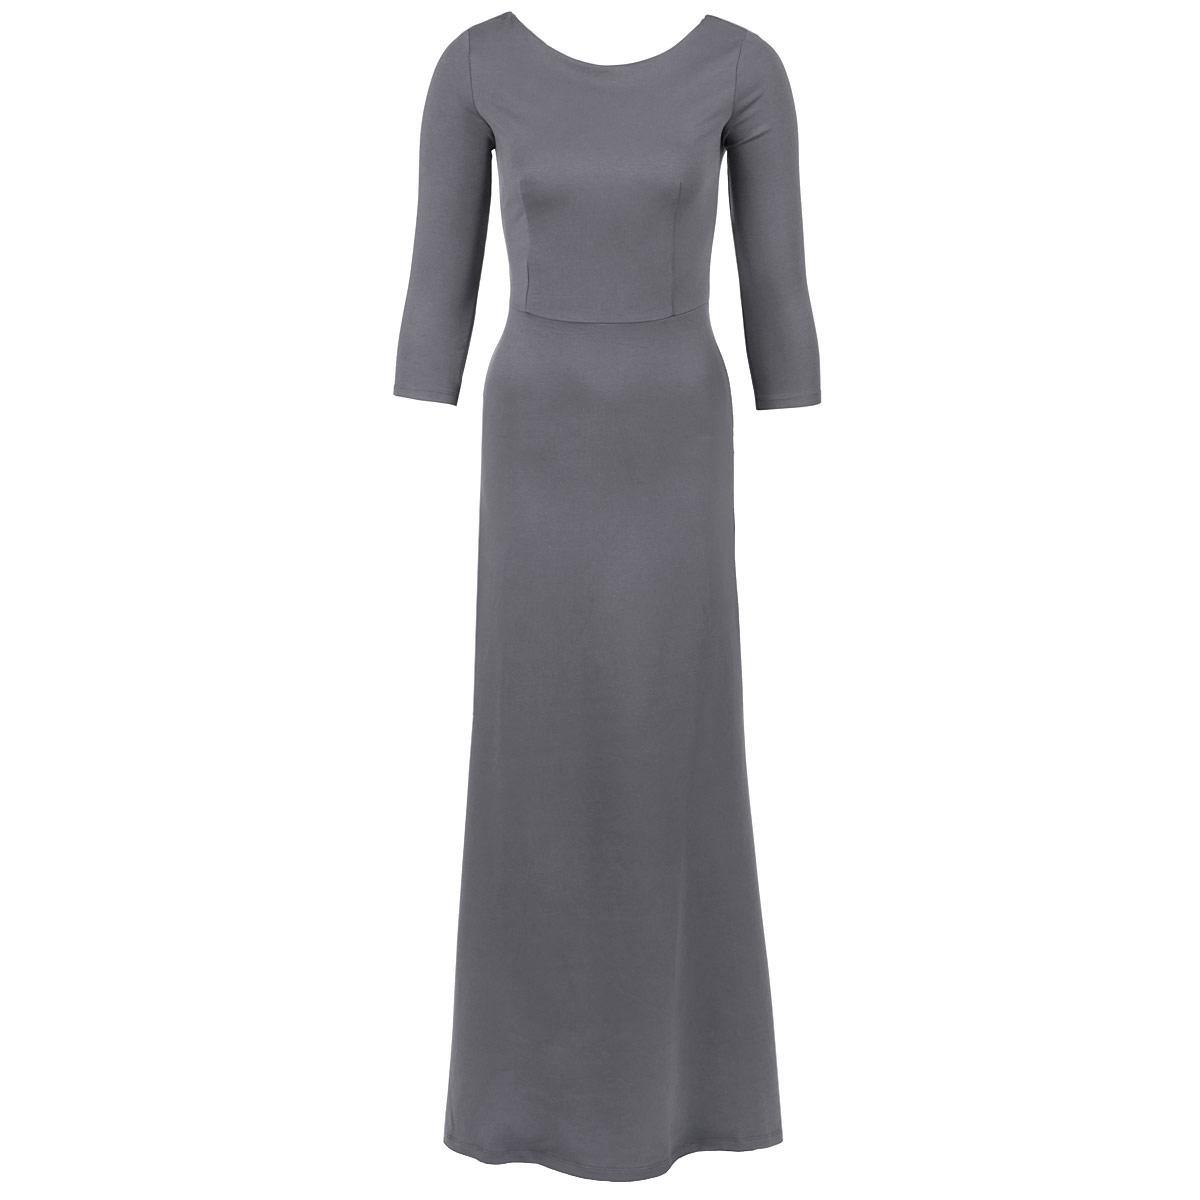 Платье. P20CP20C-BLЭлегантное платье от Анны Чапман придаст очарование и женственность своей обладательнице. Модель с отрезной талией, круглым вырезом горловины и рукавами длиной 3/4. Платье длины макси выполнено из плотного трикотажного материала. На спинке - V-образный вырез. Изысканный наряд создаст обворожительный неповторимый образ. Приталенный силуэт подчеркивает стройность фигуры.